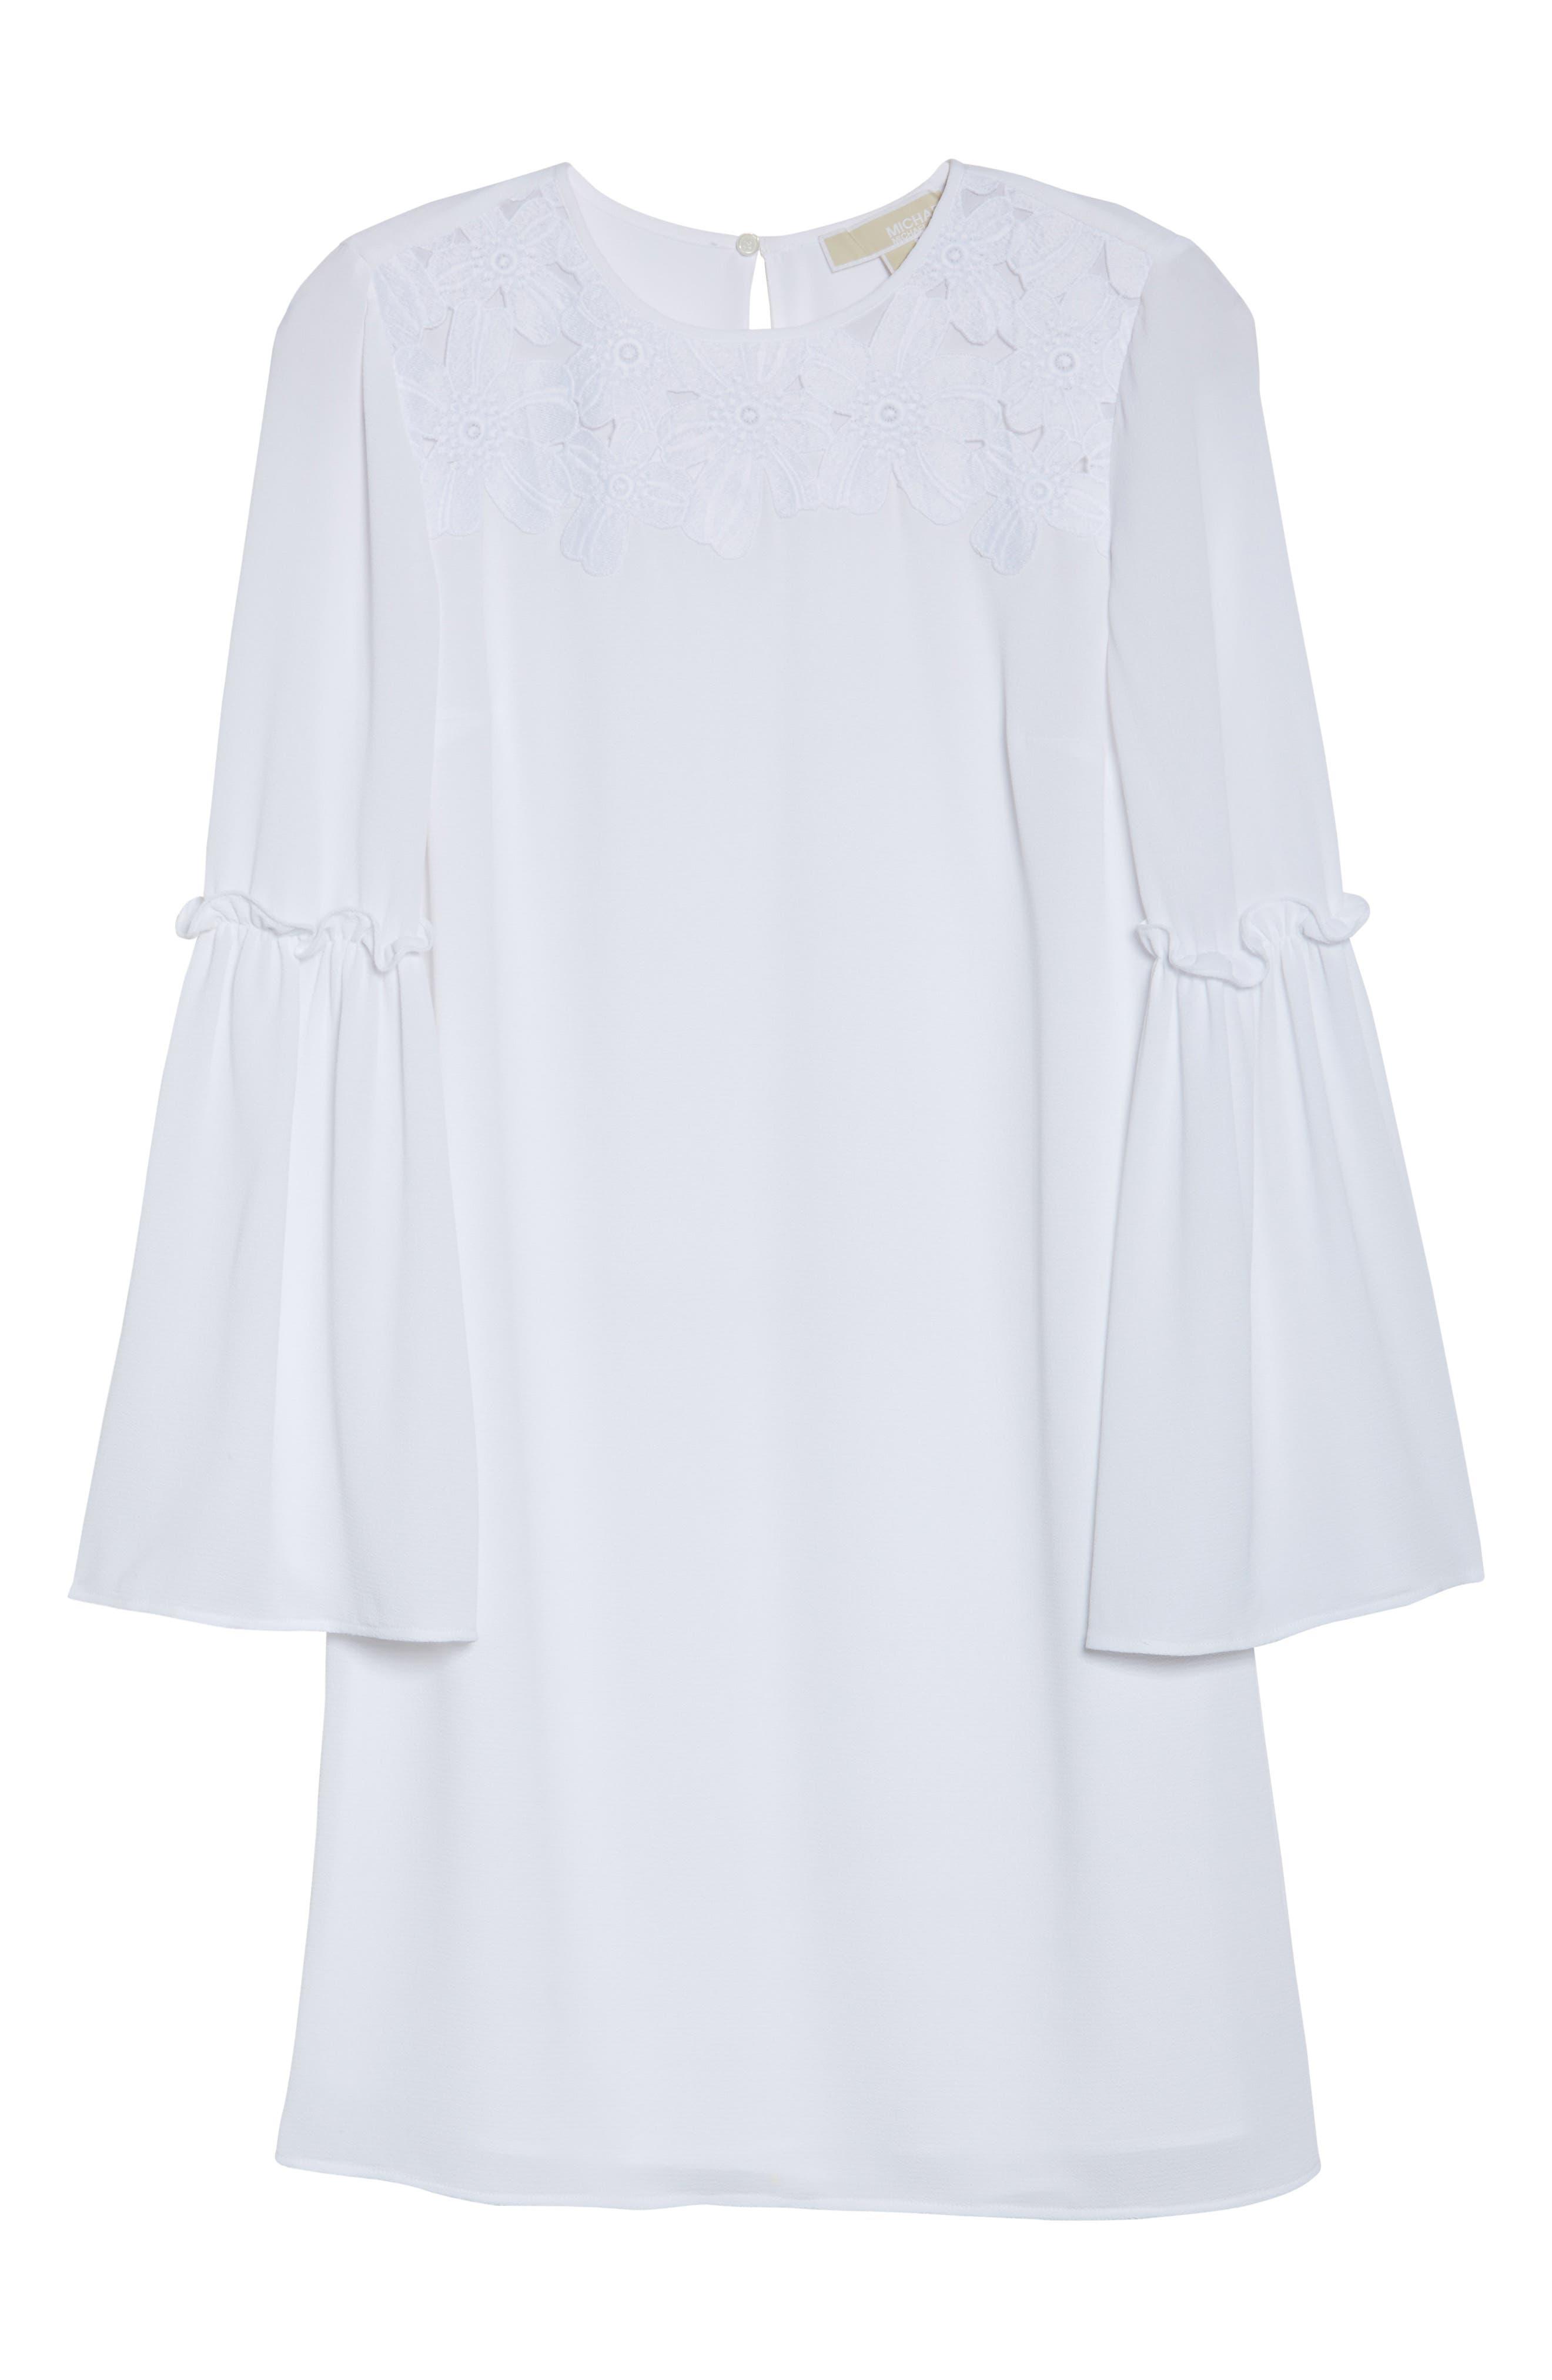 Lace Appliqué Bell Sleeve Dress,                             Alternate thumbnail 6, color,                             100